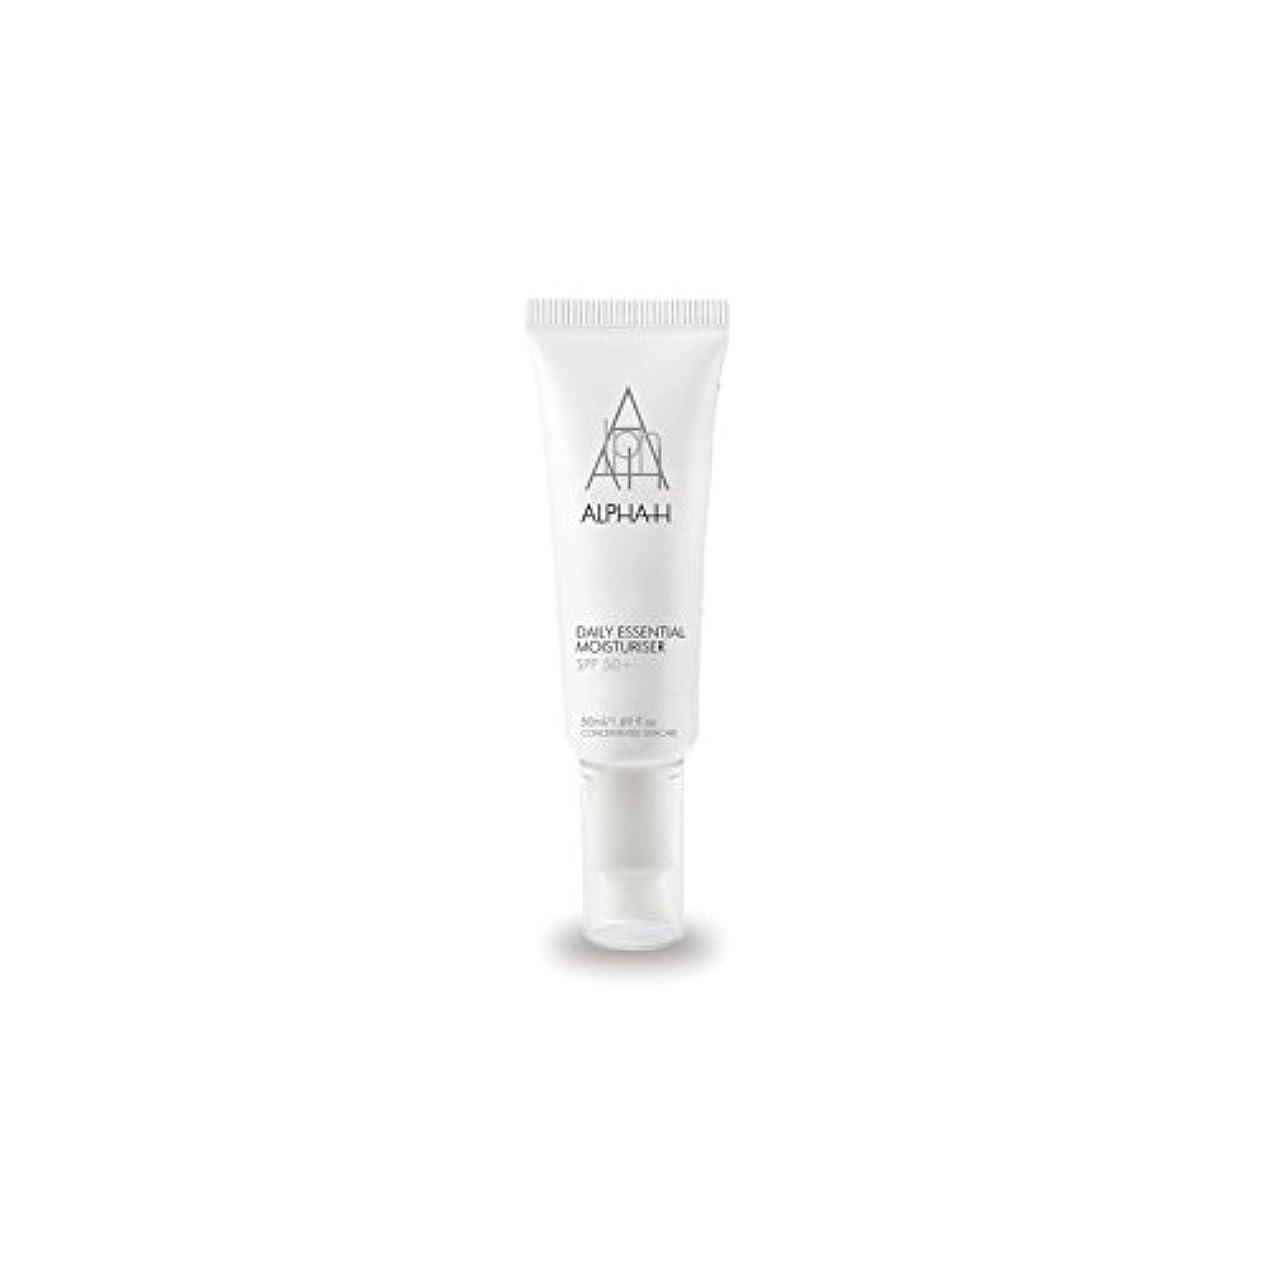 Alpha-H Daily Essential Moisturiser Spf50+ (50ml) - アルファ毎日の必須保湿50 +(50)中 [並行輸入品]